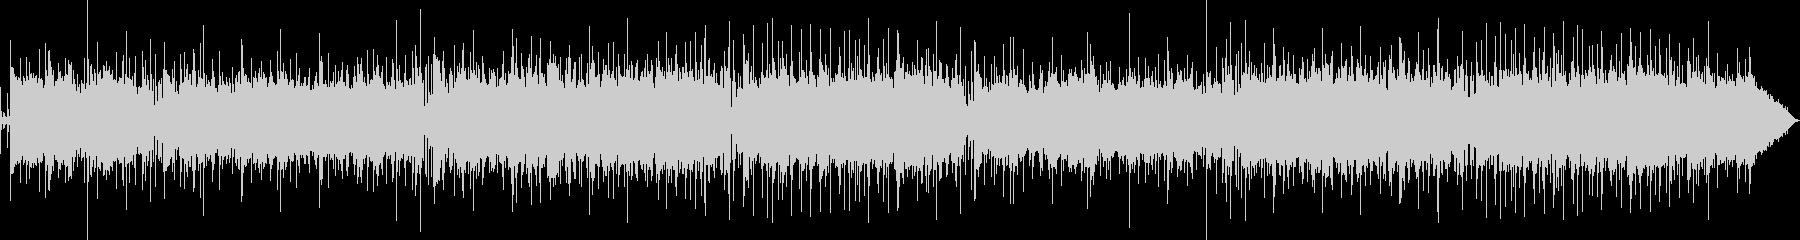 トリプレット。 60年代の音。の未再生の波形